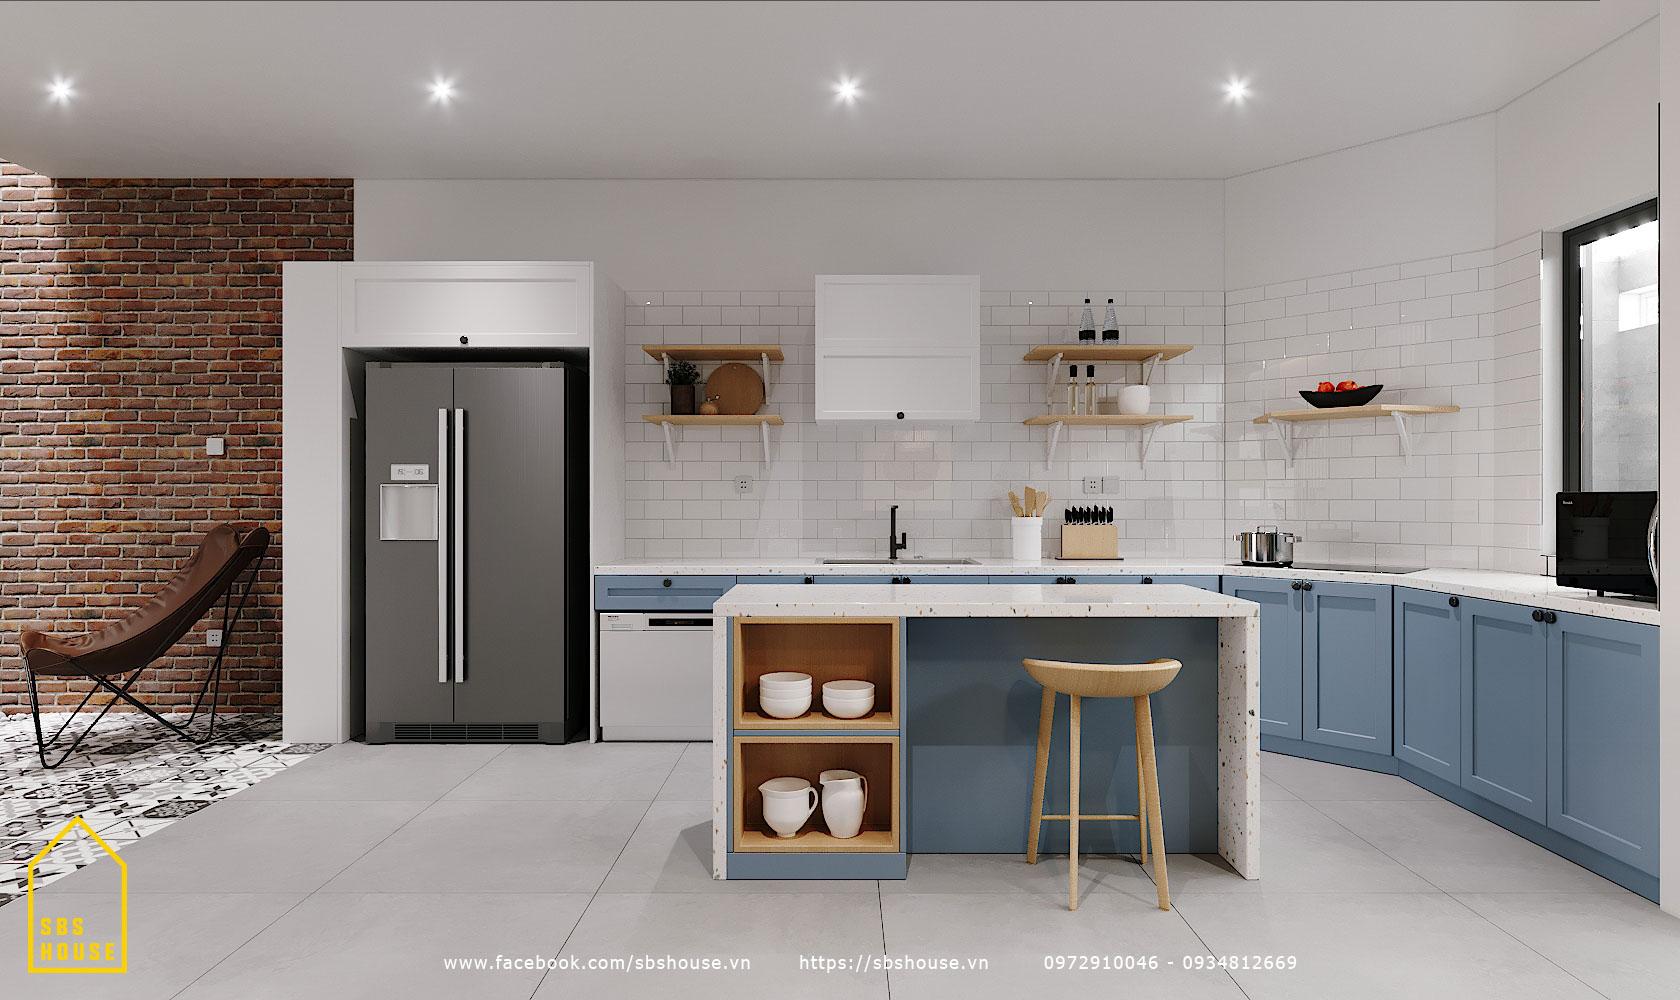 Mẫu phòng bếp màu xanh dương đẹp